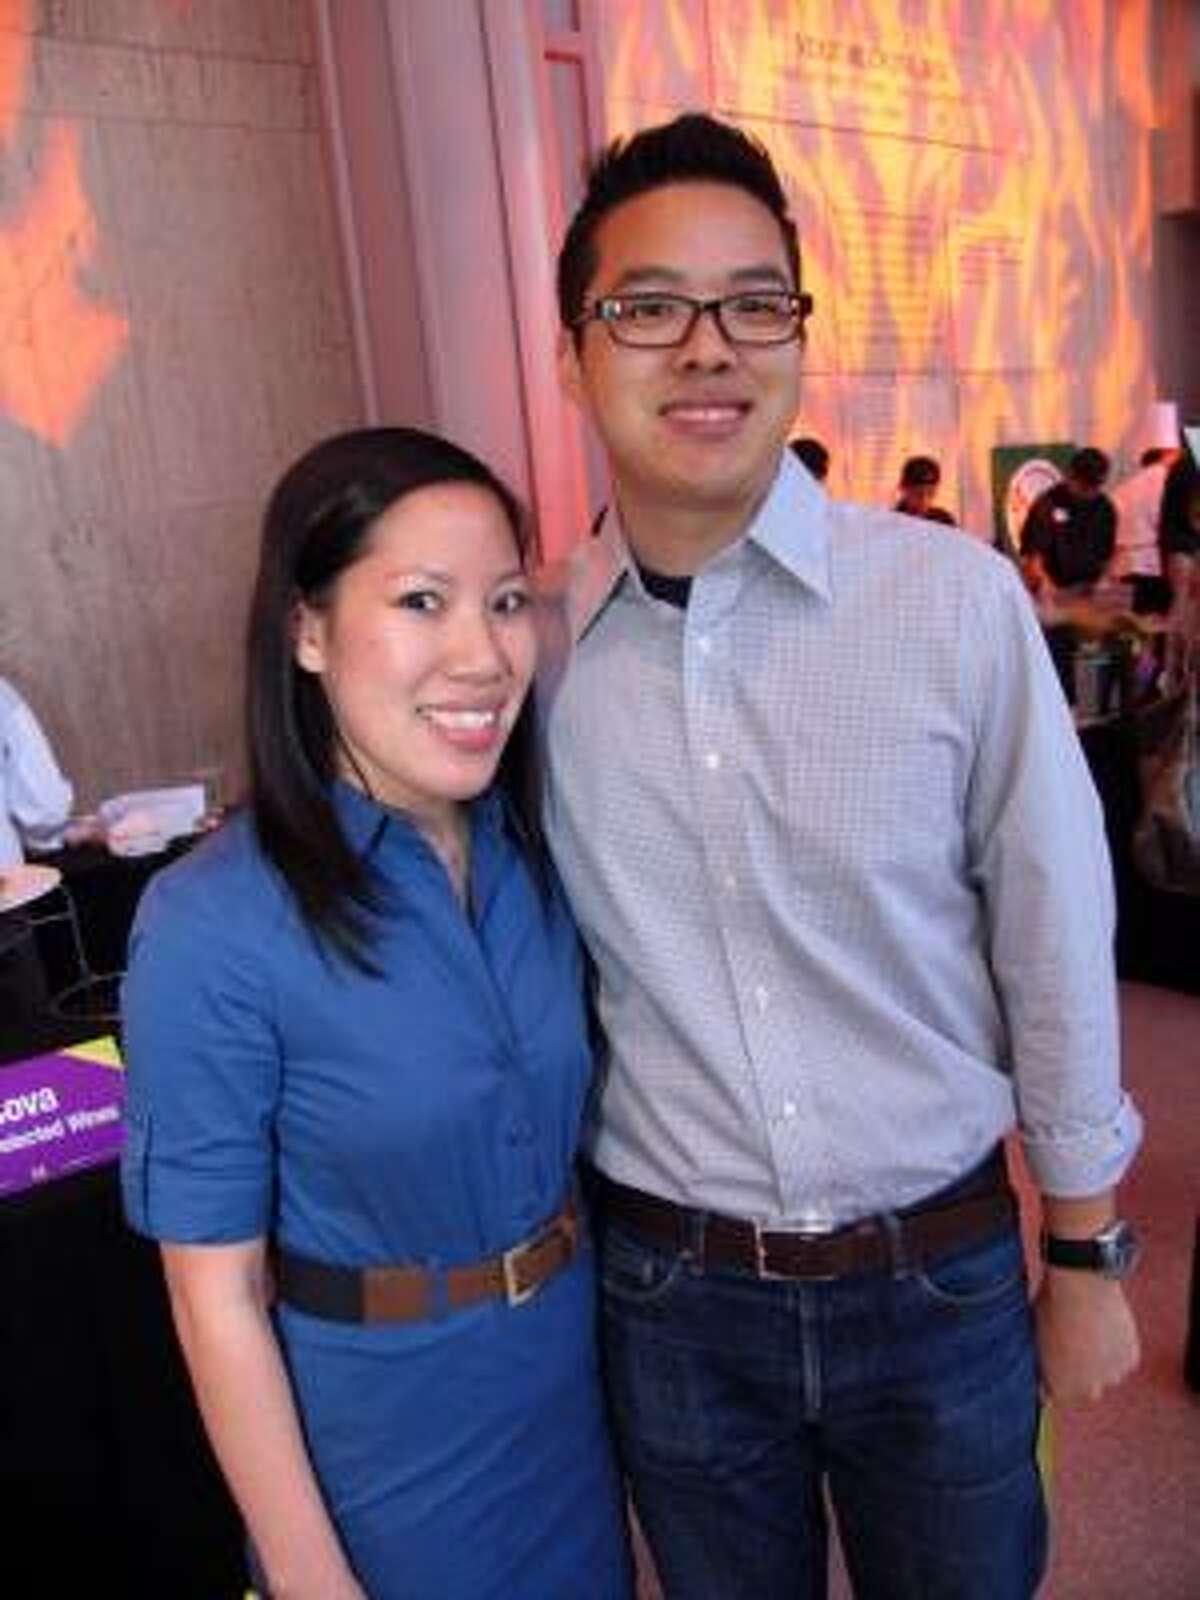 Mary Hoang, left, and Jonathan Ng